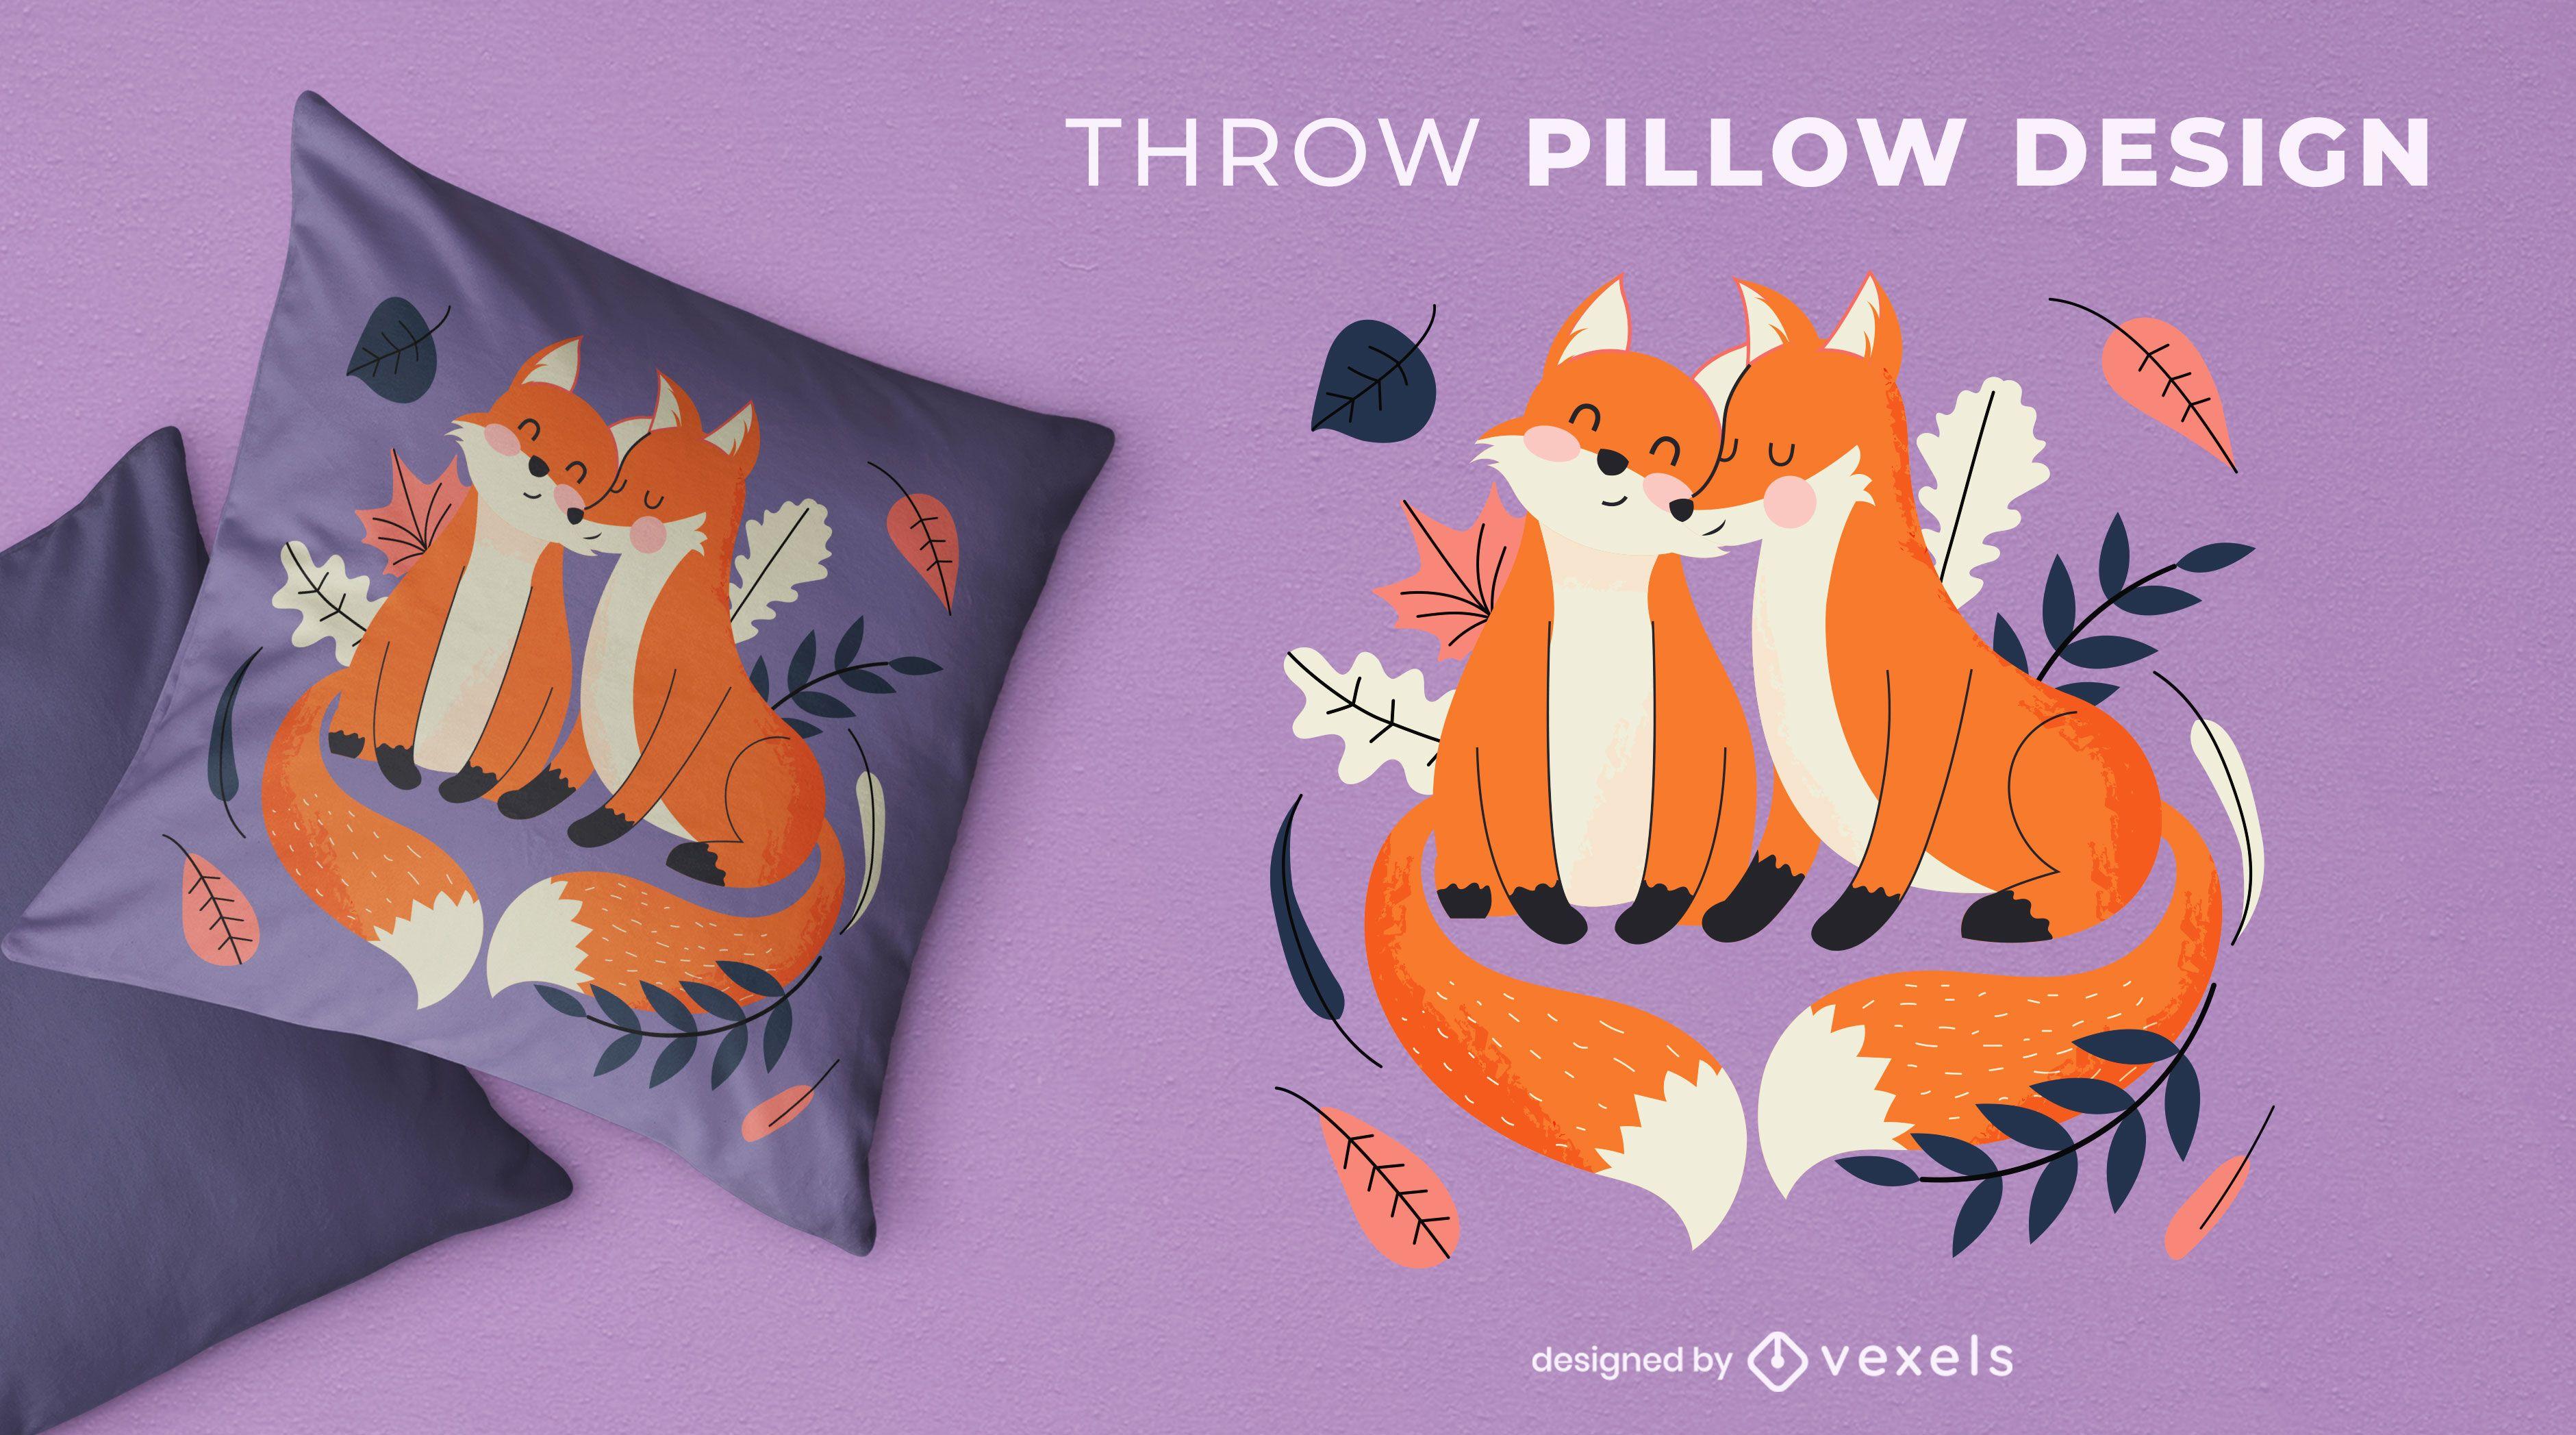 Lindo diseño de almohada de tiro de zorros